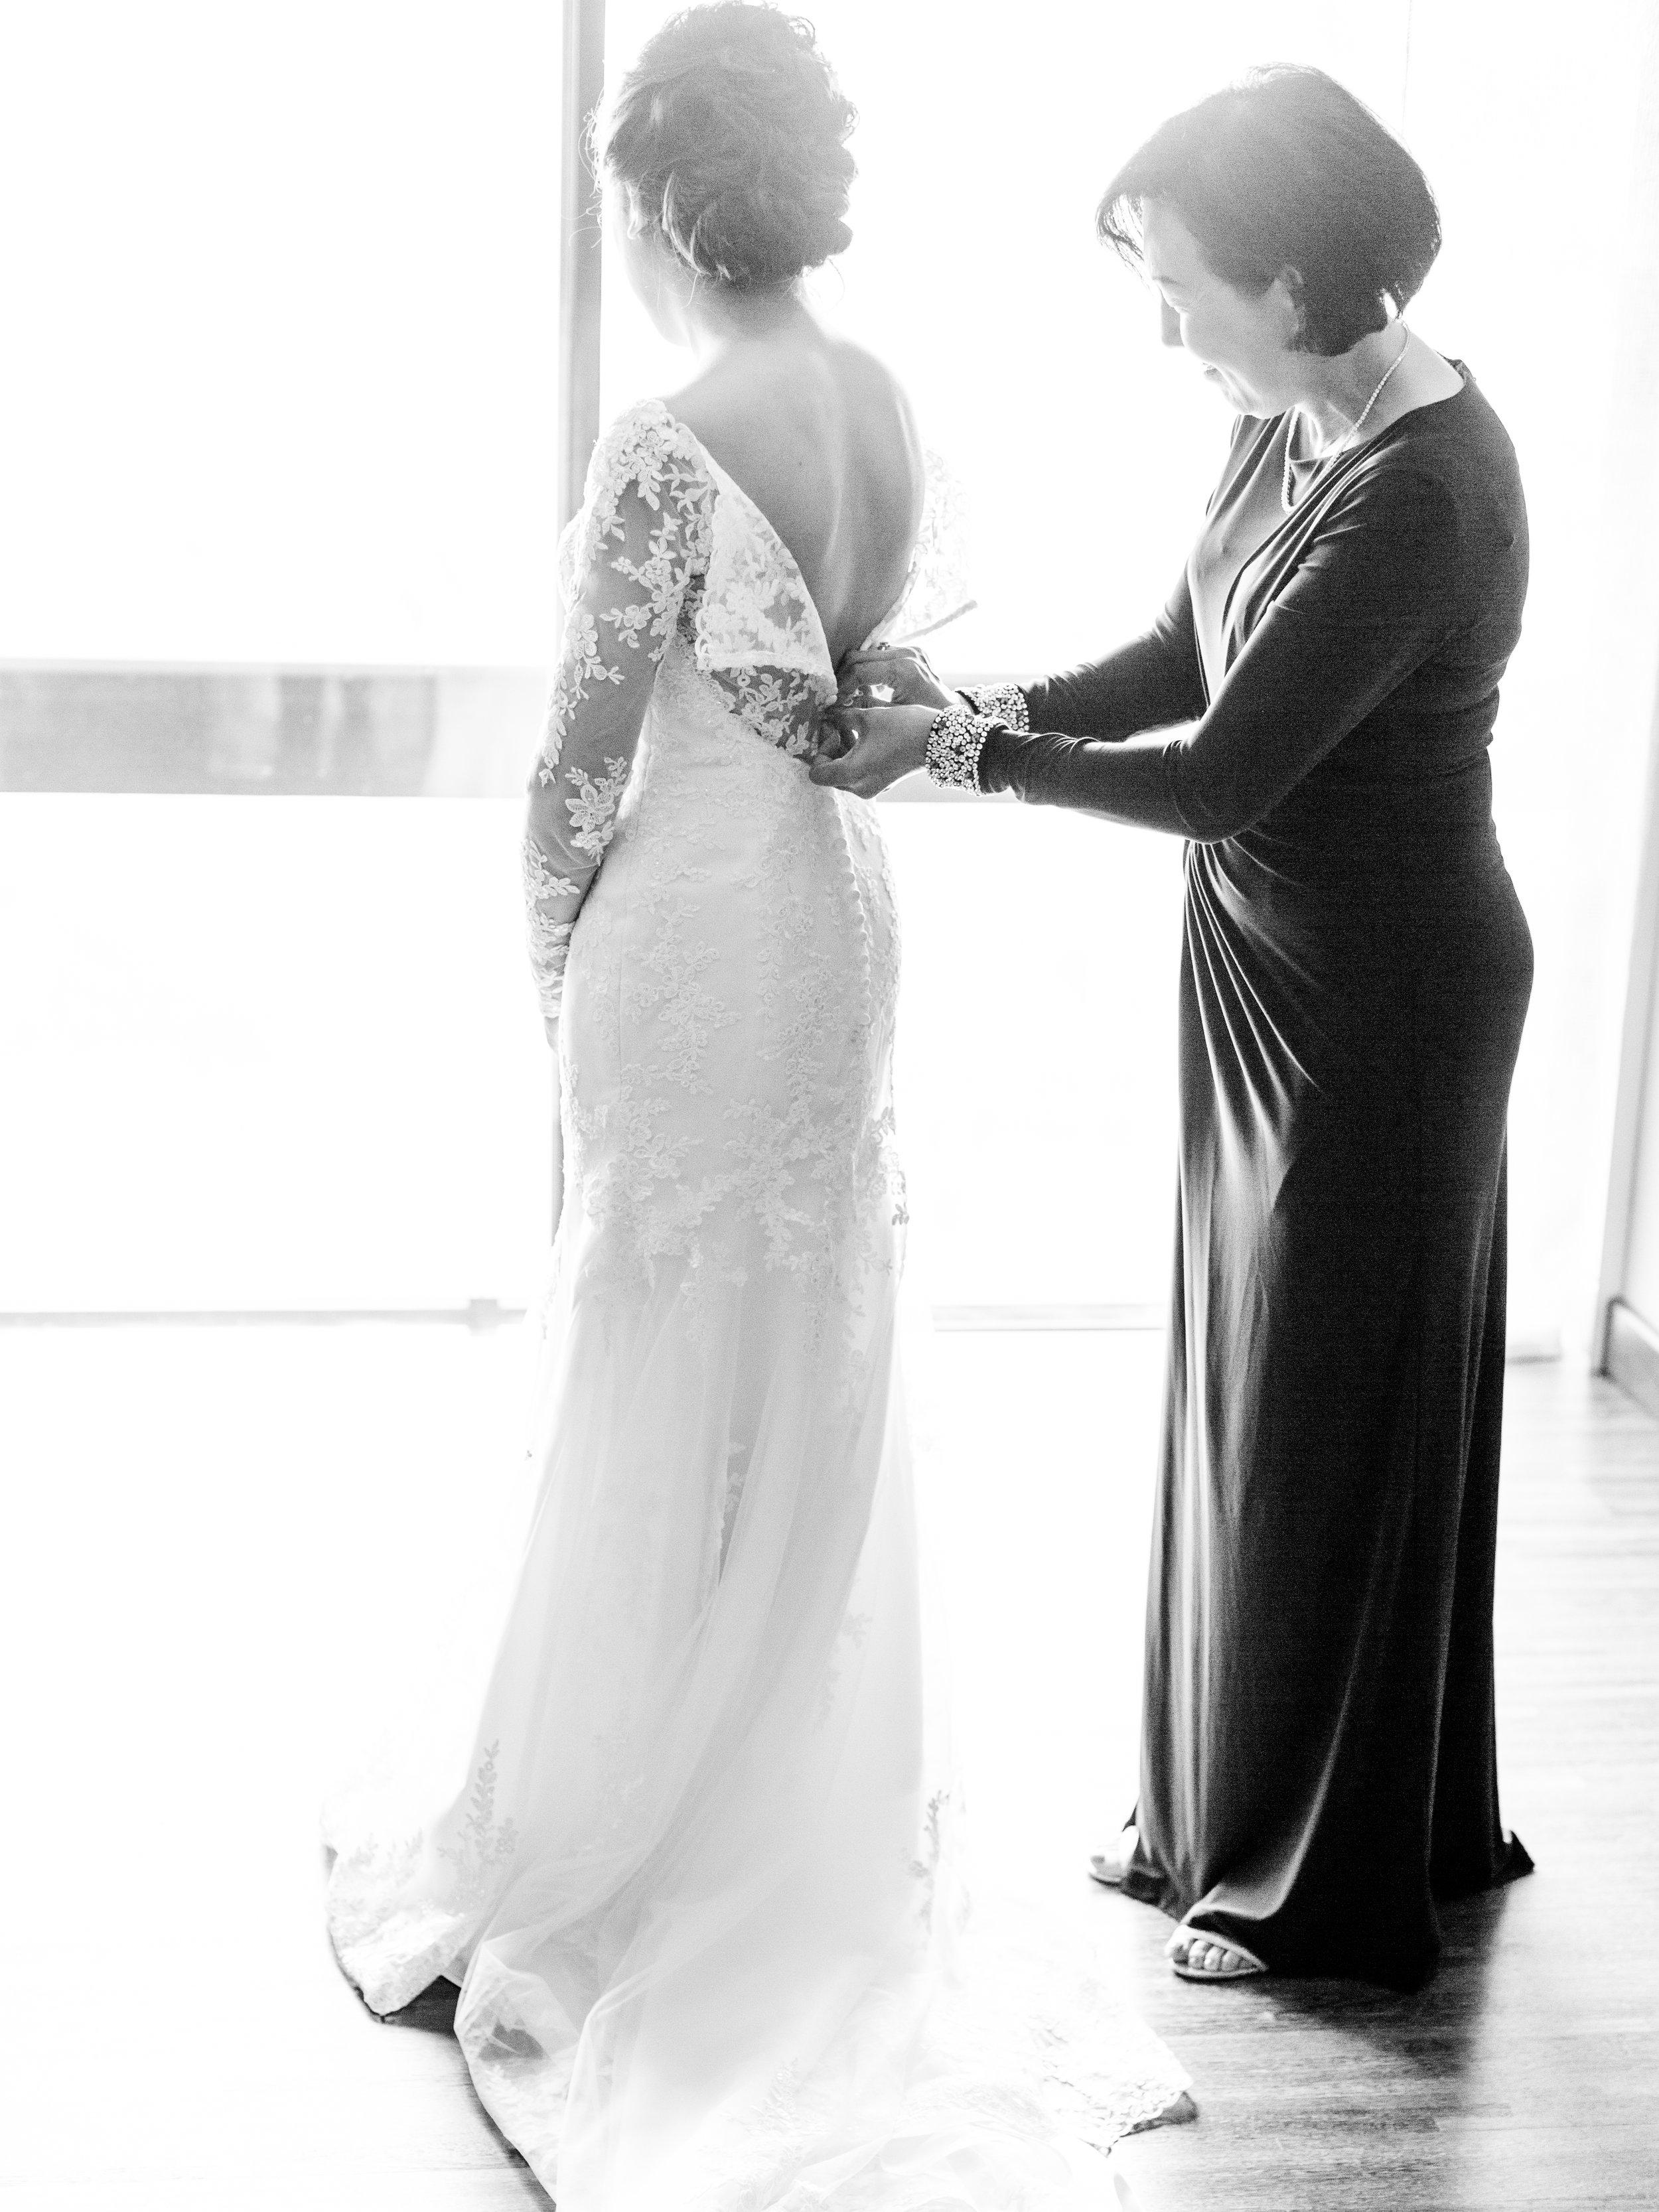 Ng+Wedding+San+Francisco+Getting+Ready-80.jpg